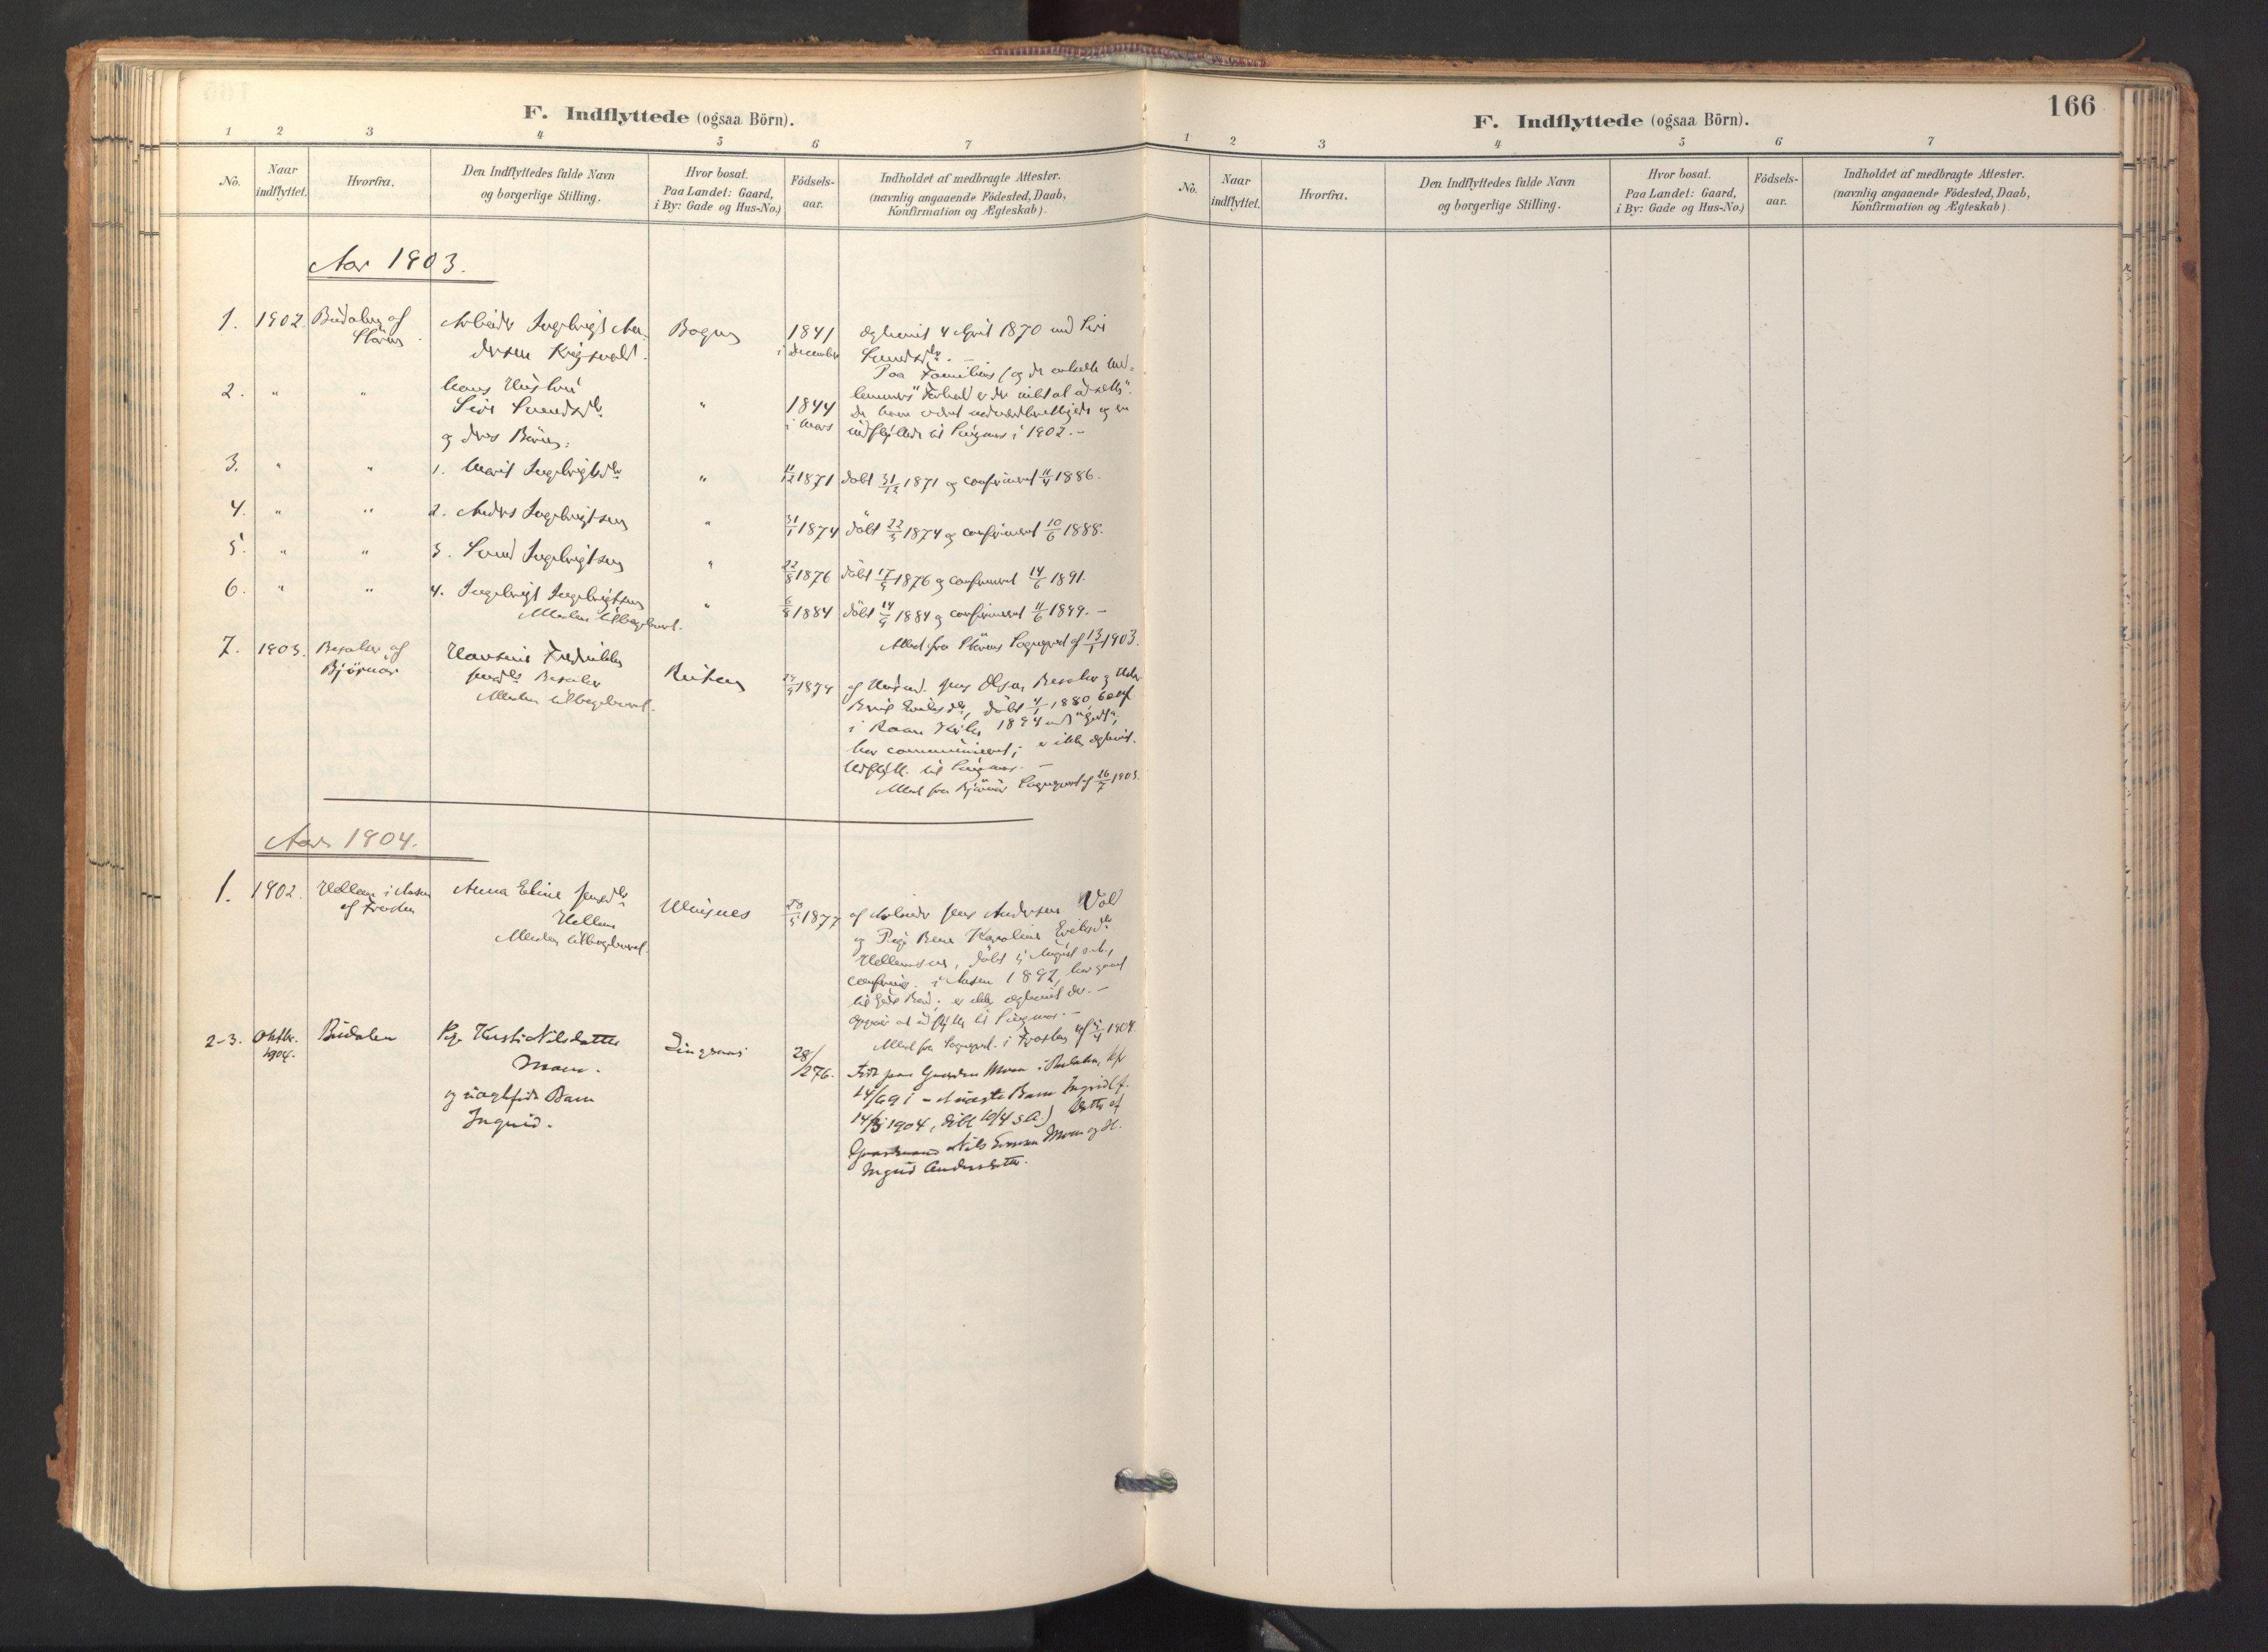 SAT, Ministerialprotokoller, klokkerbøker og fødselsregistre - Sør-Trøndelag, 688/L1025: Ministerialbok nr. 688A02, 1891-1909, s. 166